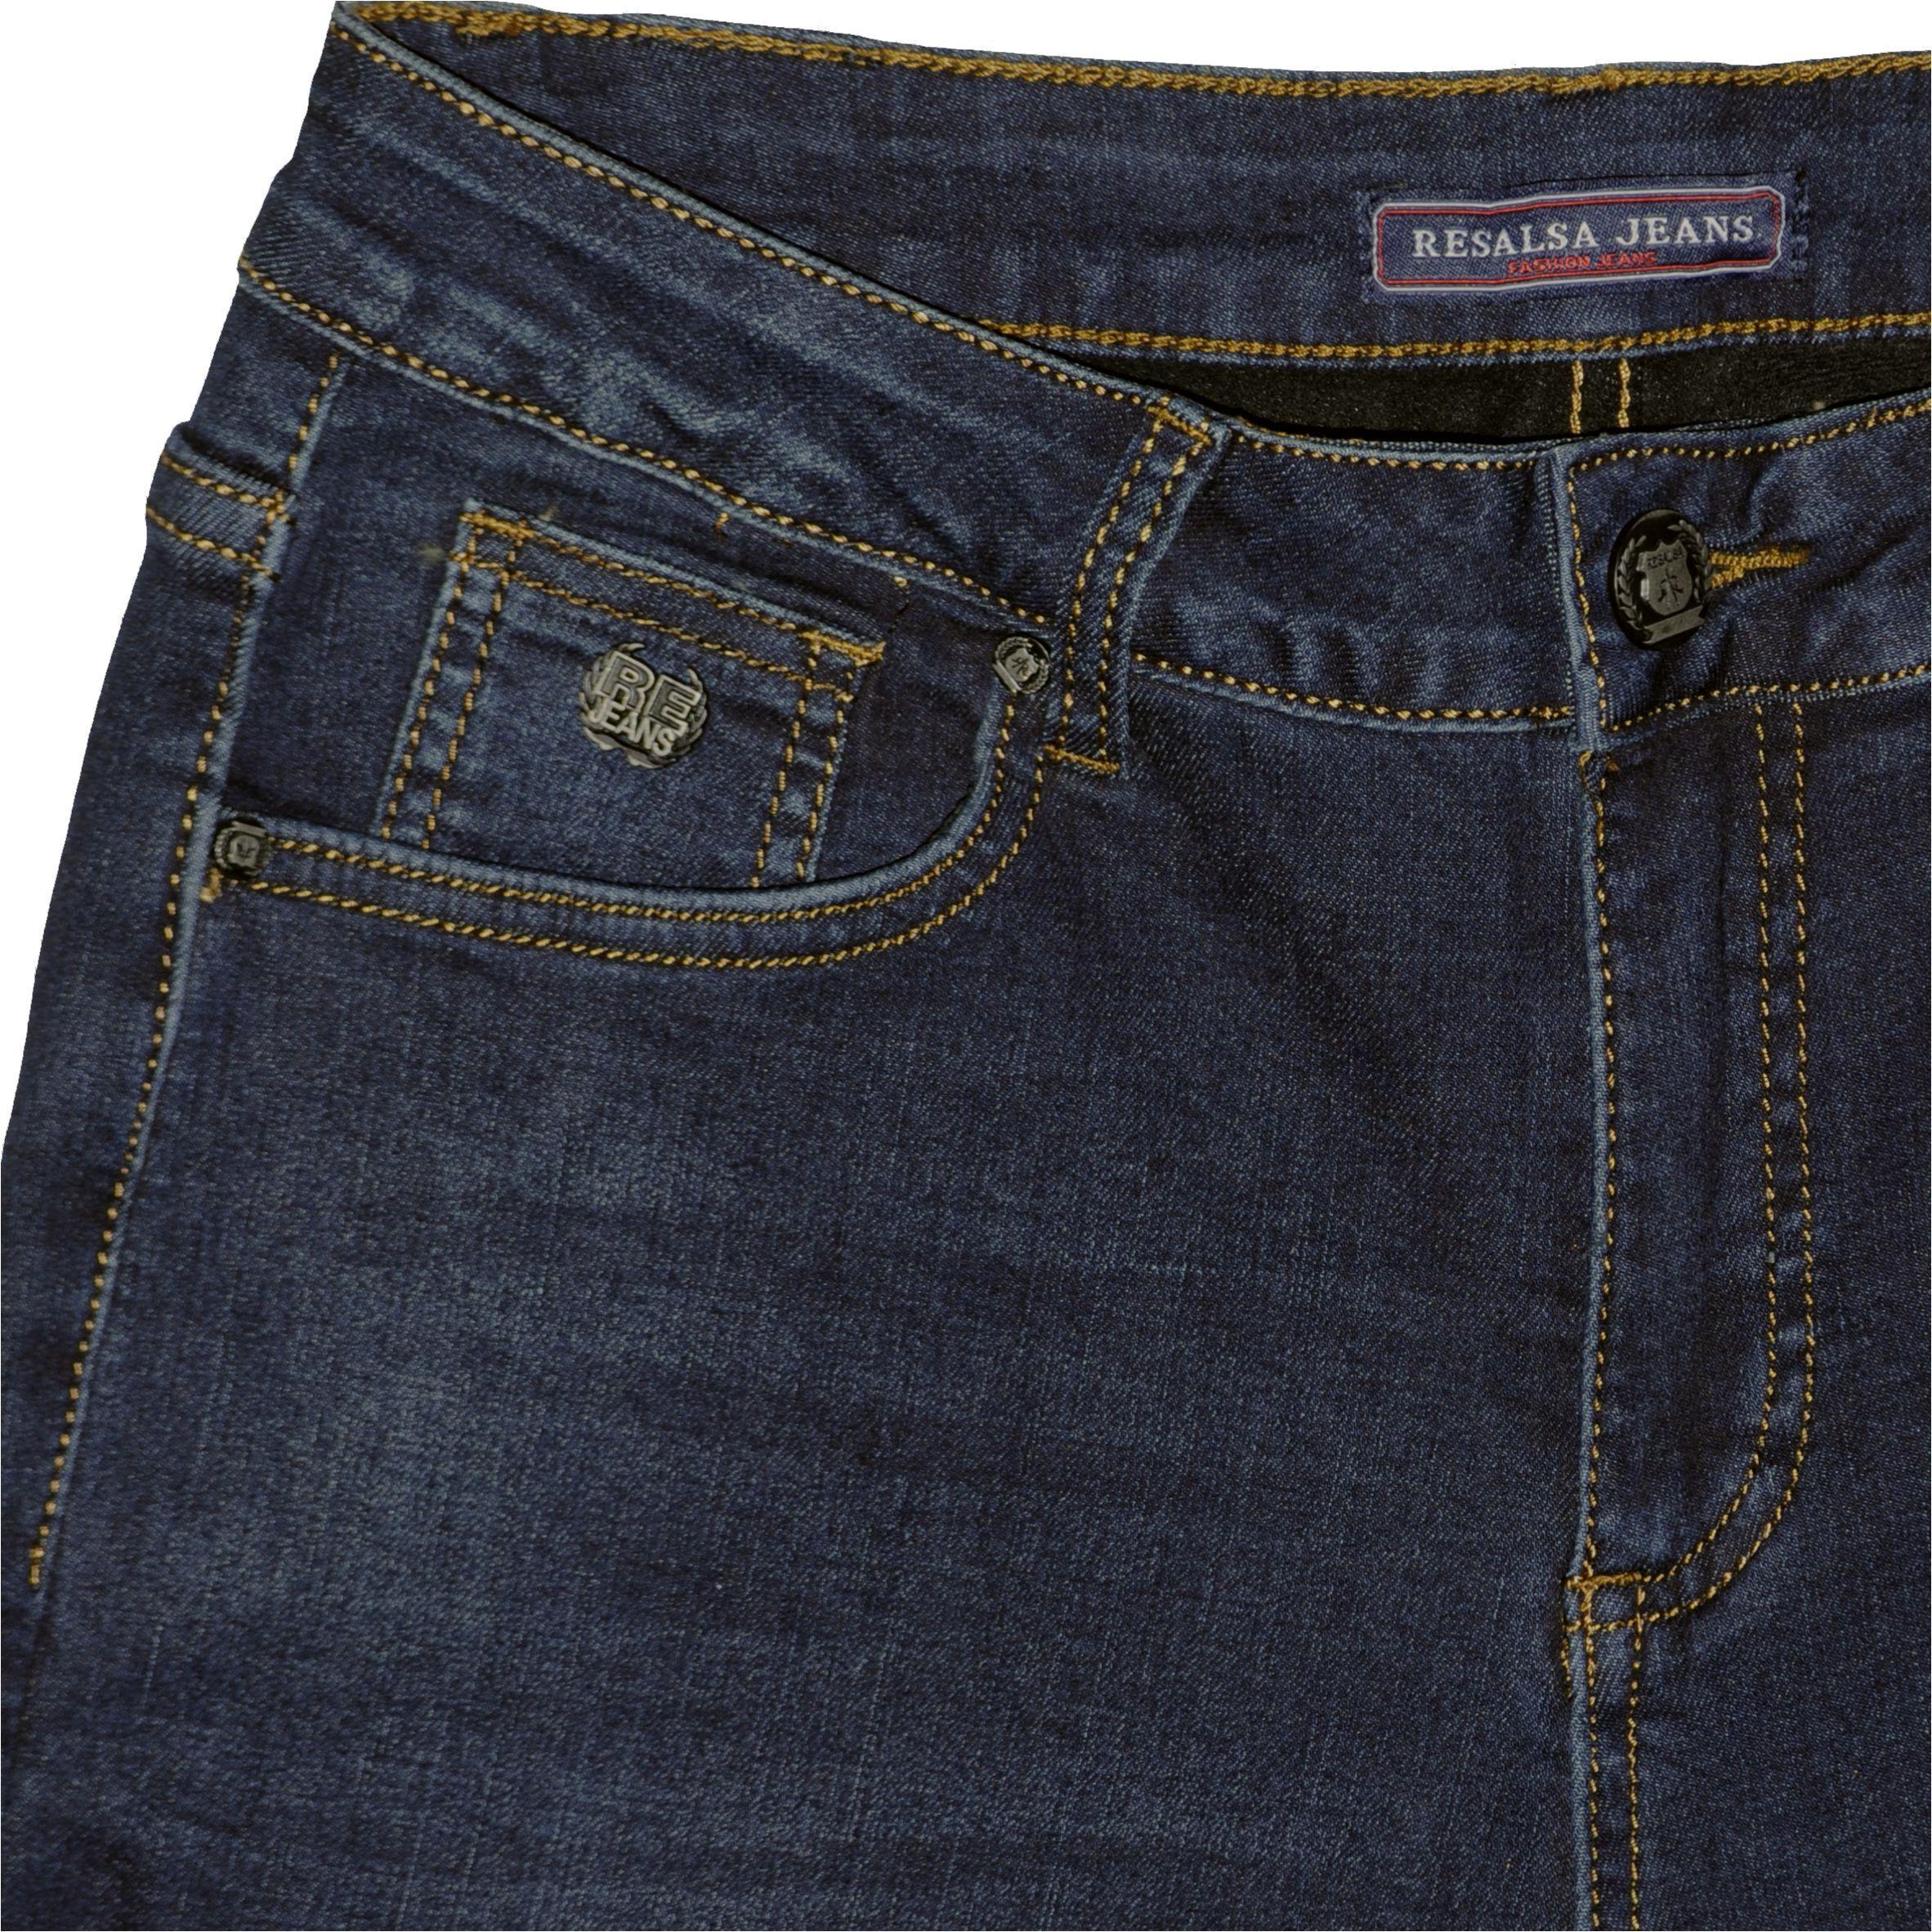 685c8fd731 ... Nadrág Resalsa® Jeans 6145 Bélelt szűk szárú farmernadrág ...